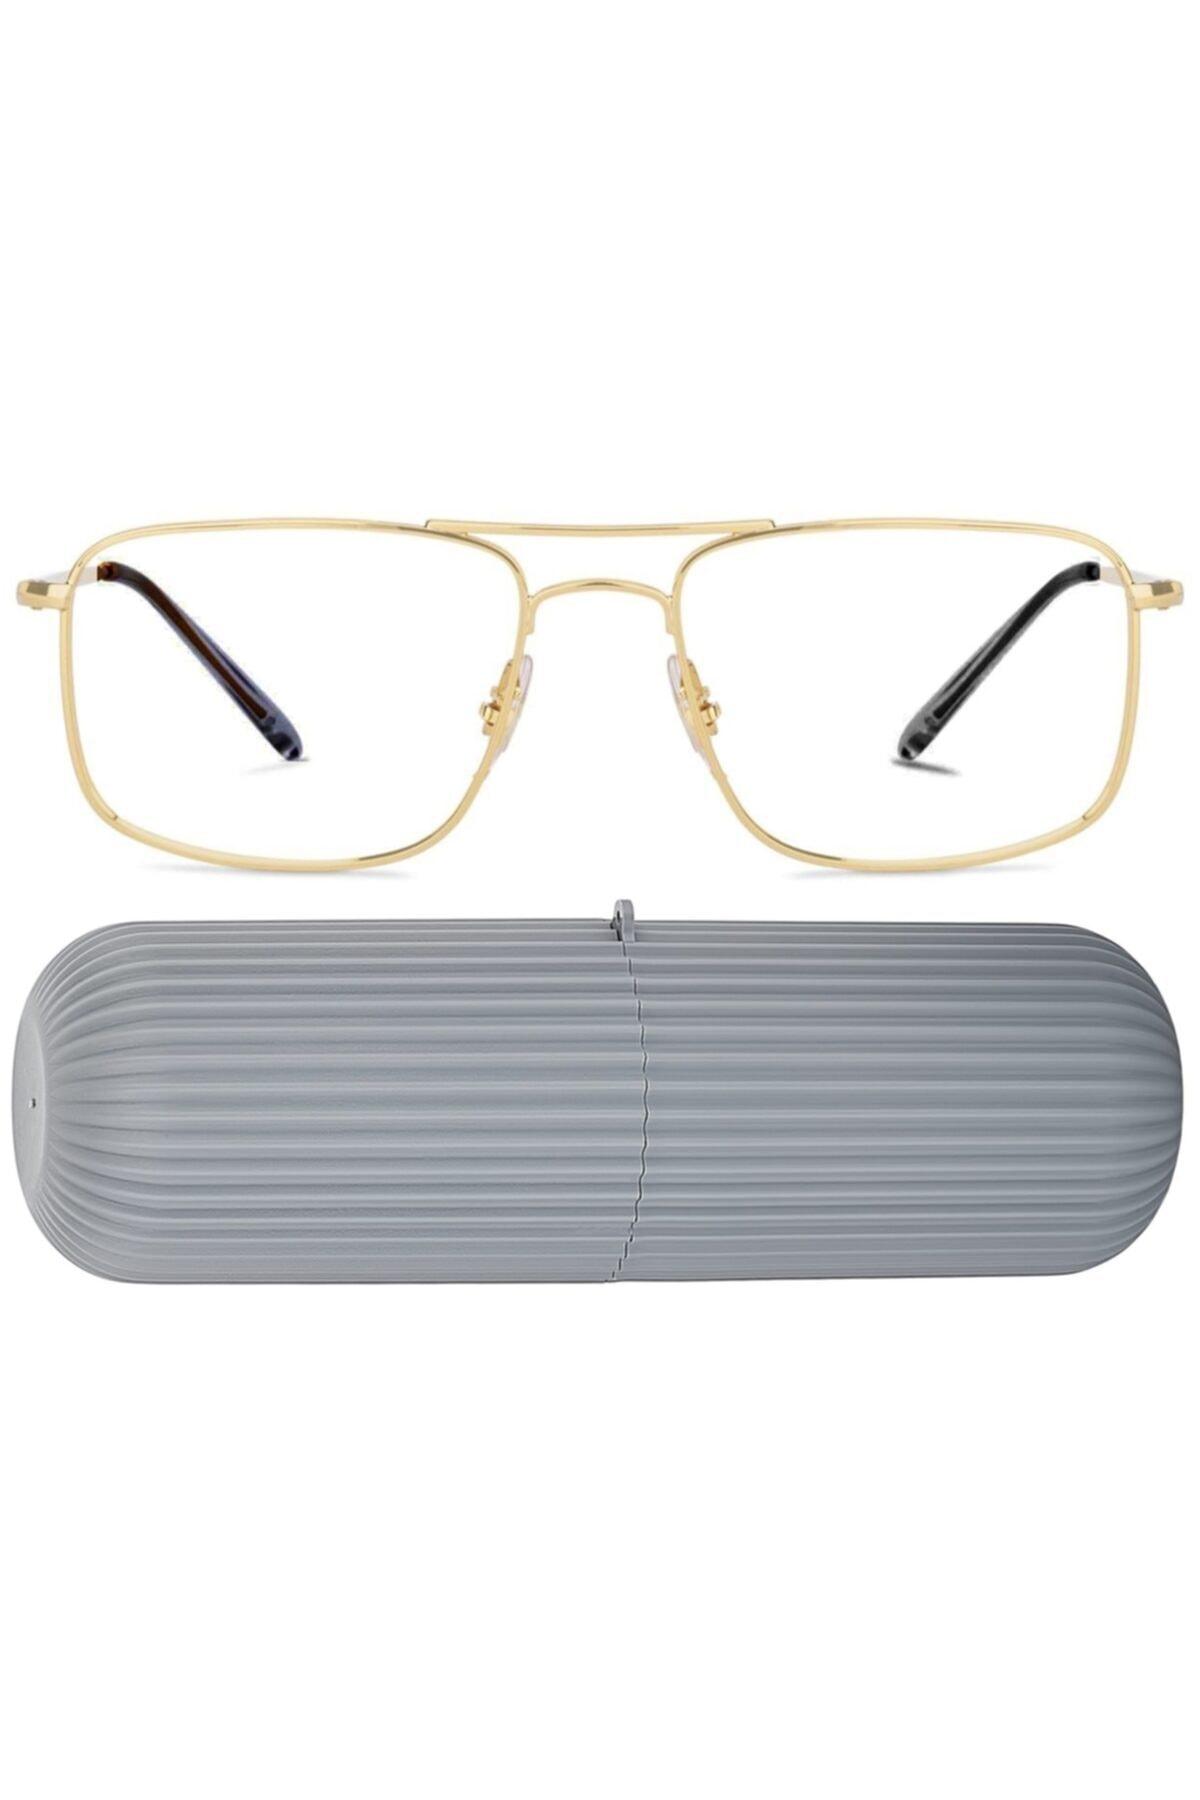 عینک دودی مردانه جدید برند KaktüsKedi رنگ طلایی ty65005763